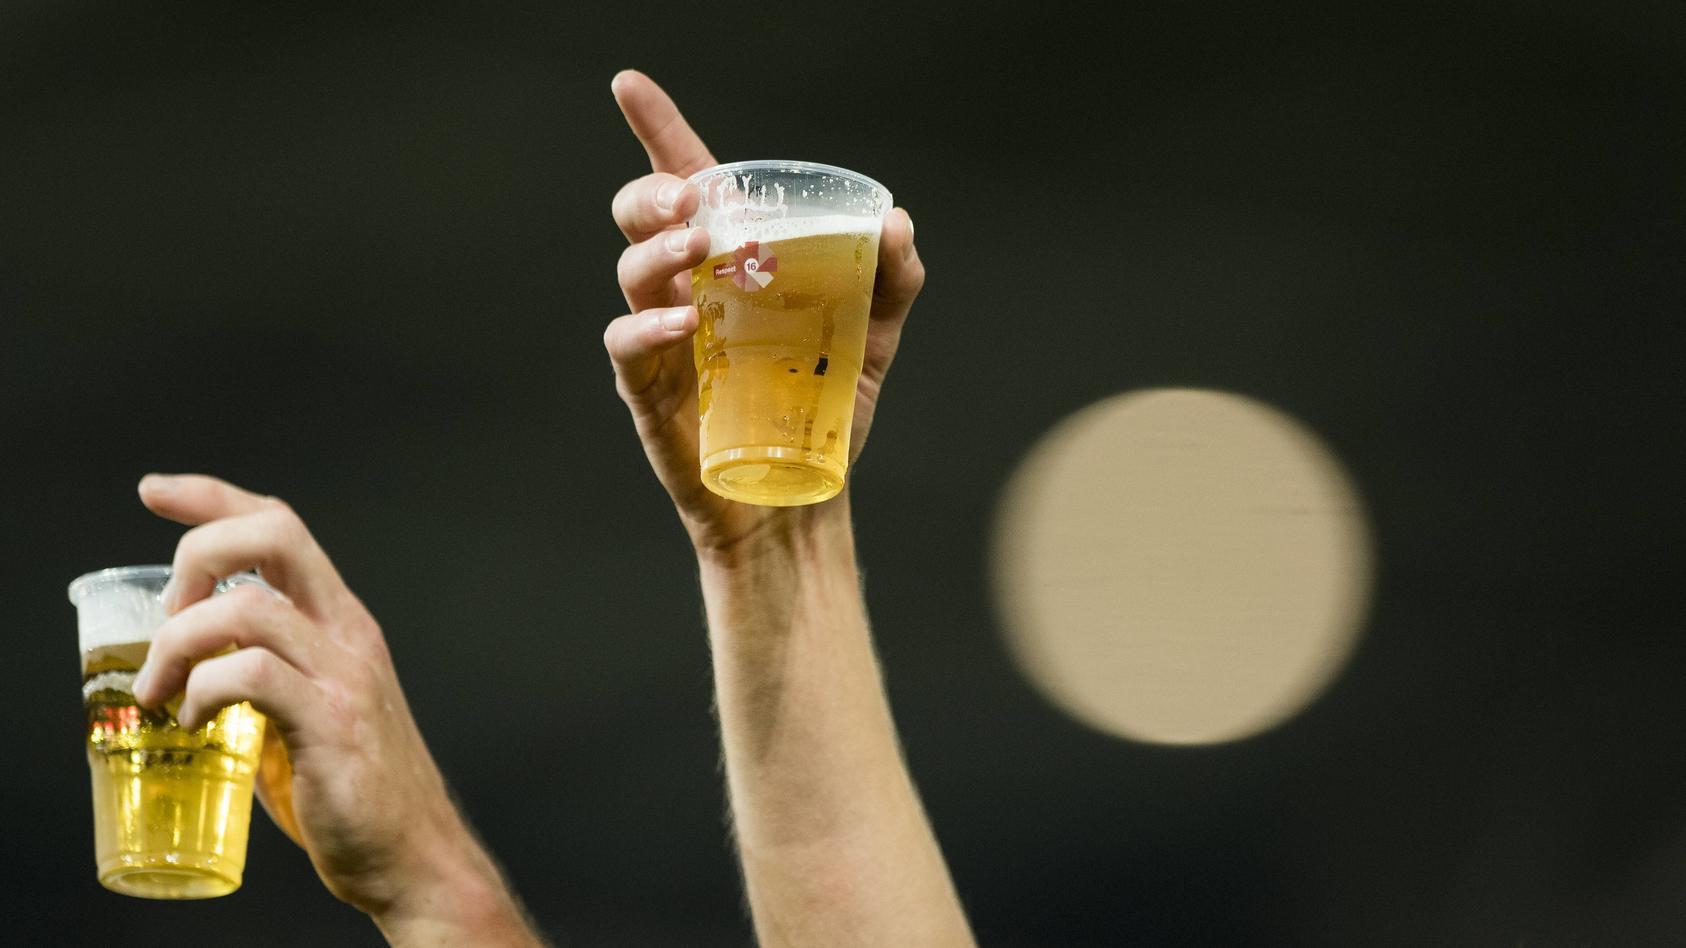 Fußballfans müssen sich auf hohe Bierpreise in Katar einstellen